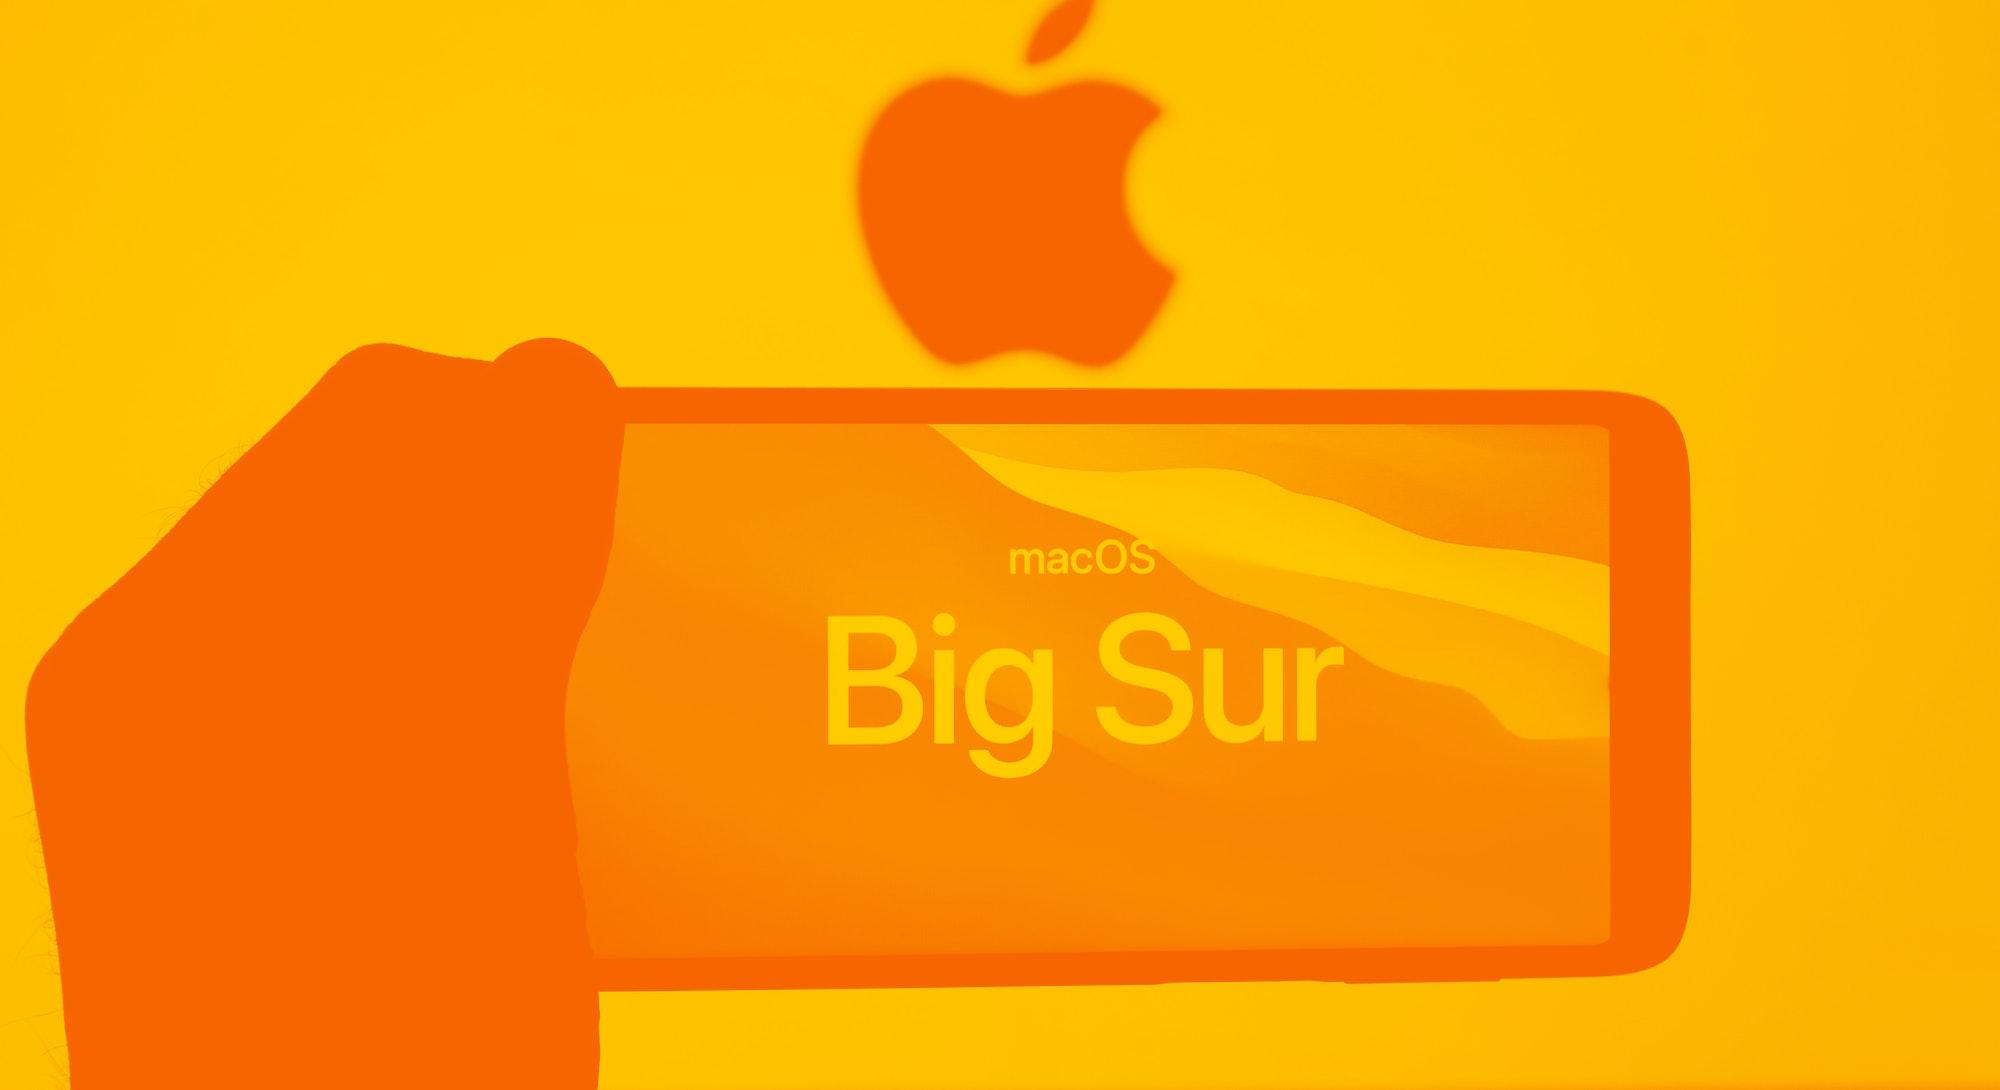 macOS Big Sur picture